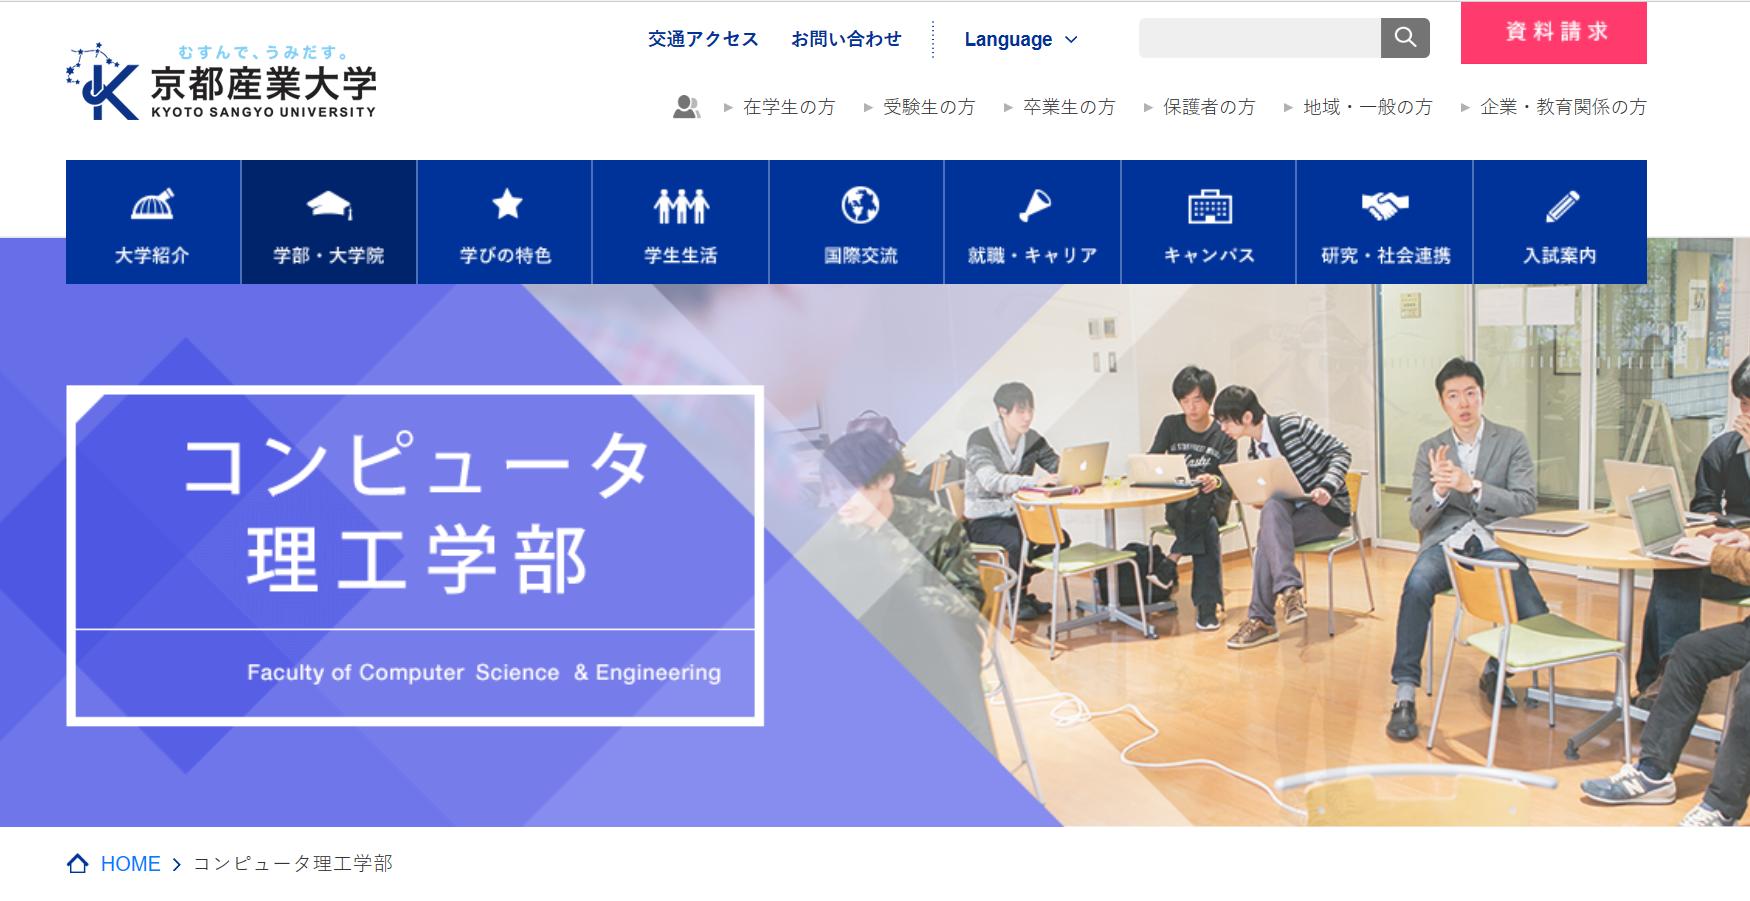 京都産業大学の評判・口コミ【コンピュータ理工学部編】